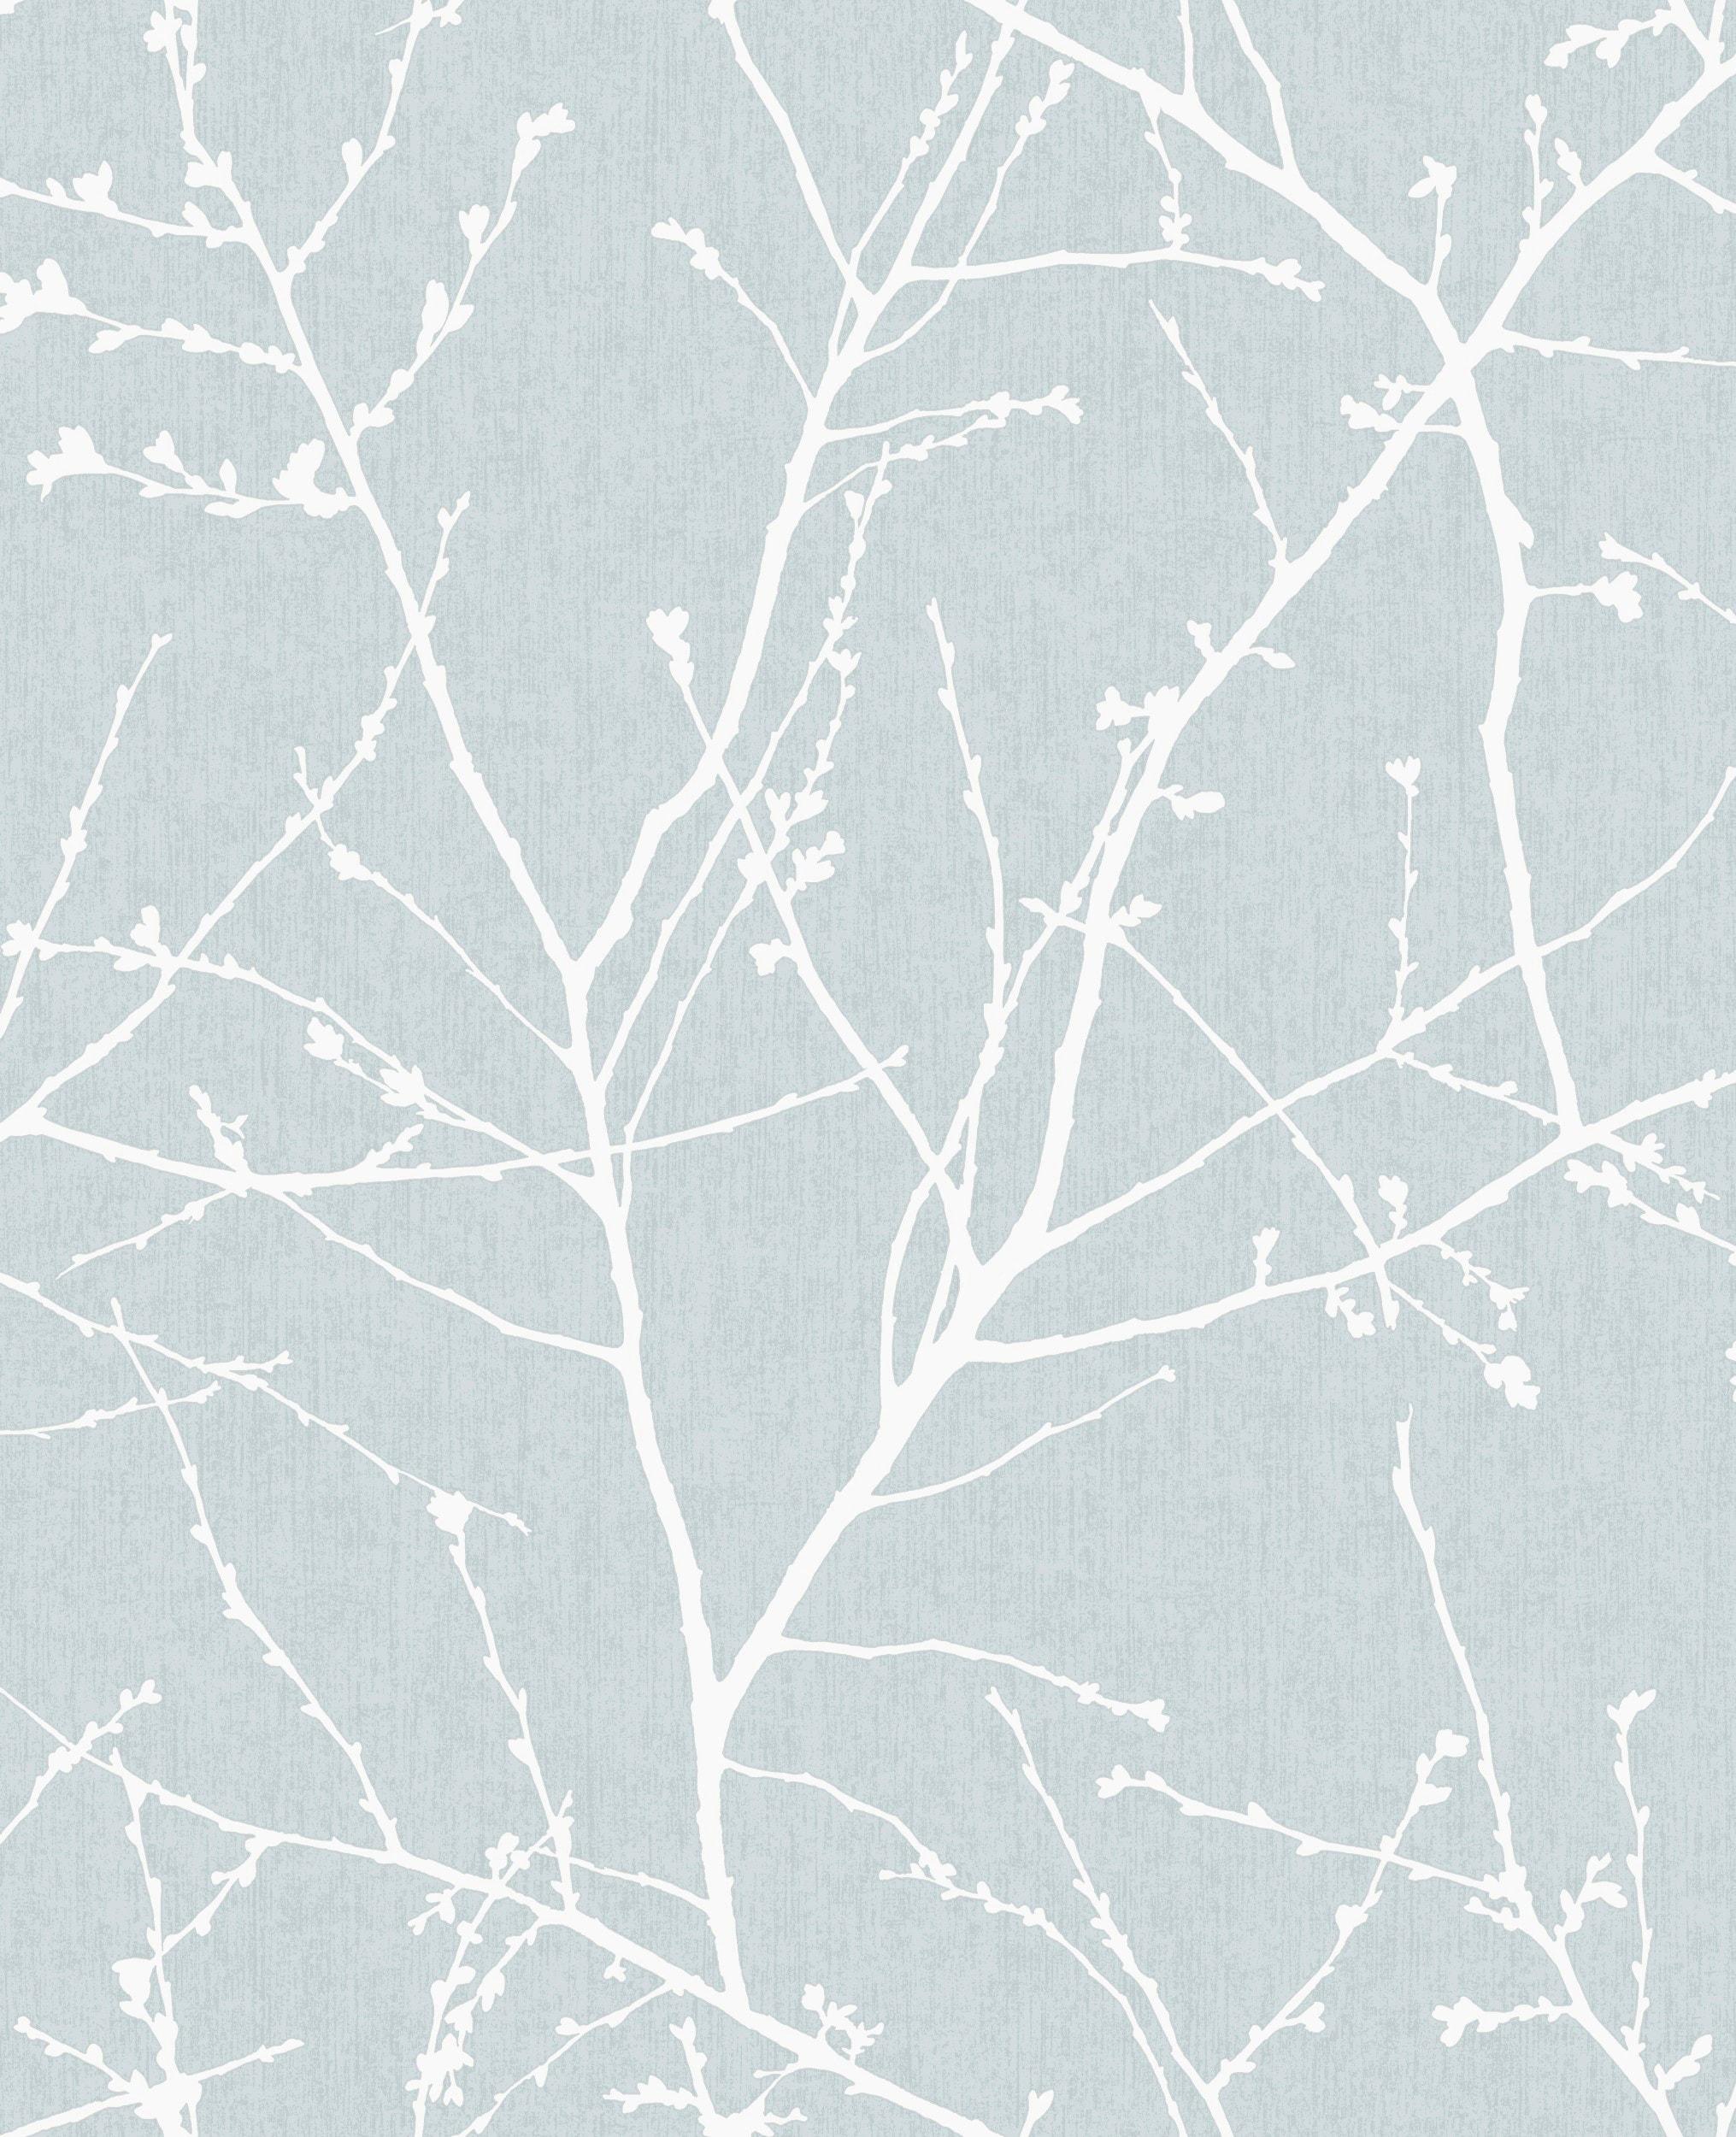 SUPERFRESCO-EASY-Vliestapete-Innocence-1000-cm-Laenge-Vinyltapeten-Tapeten Indexbild 3